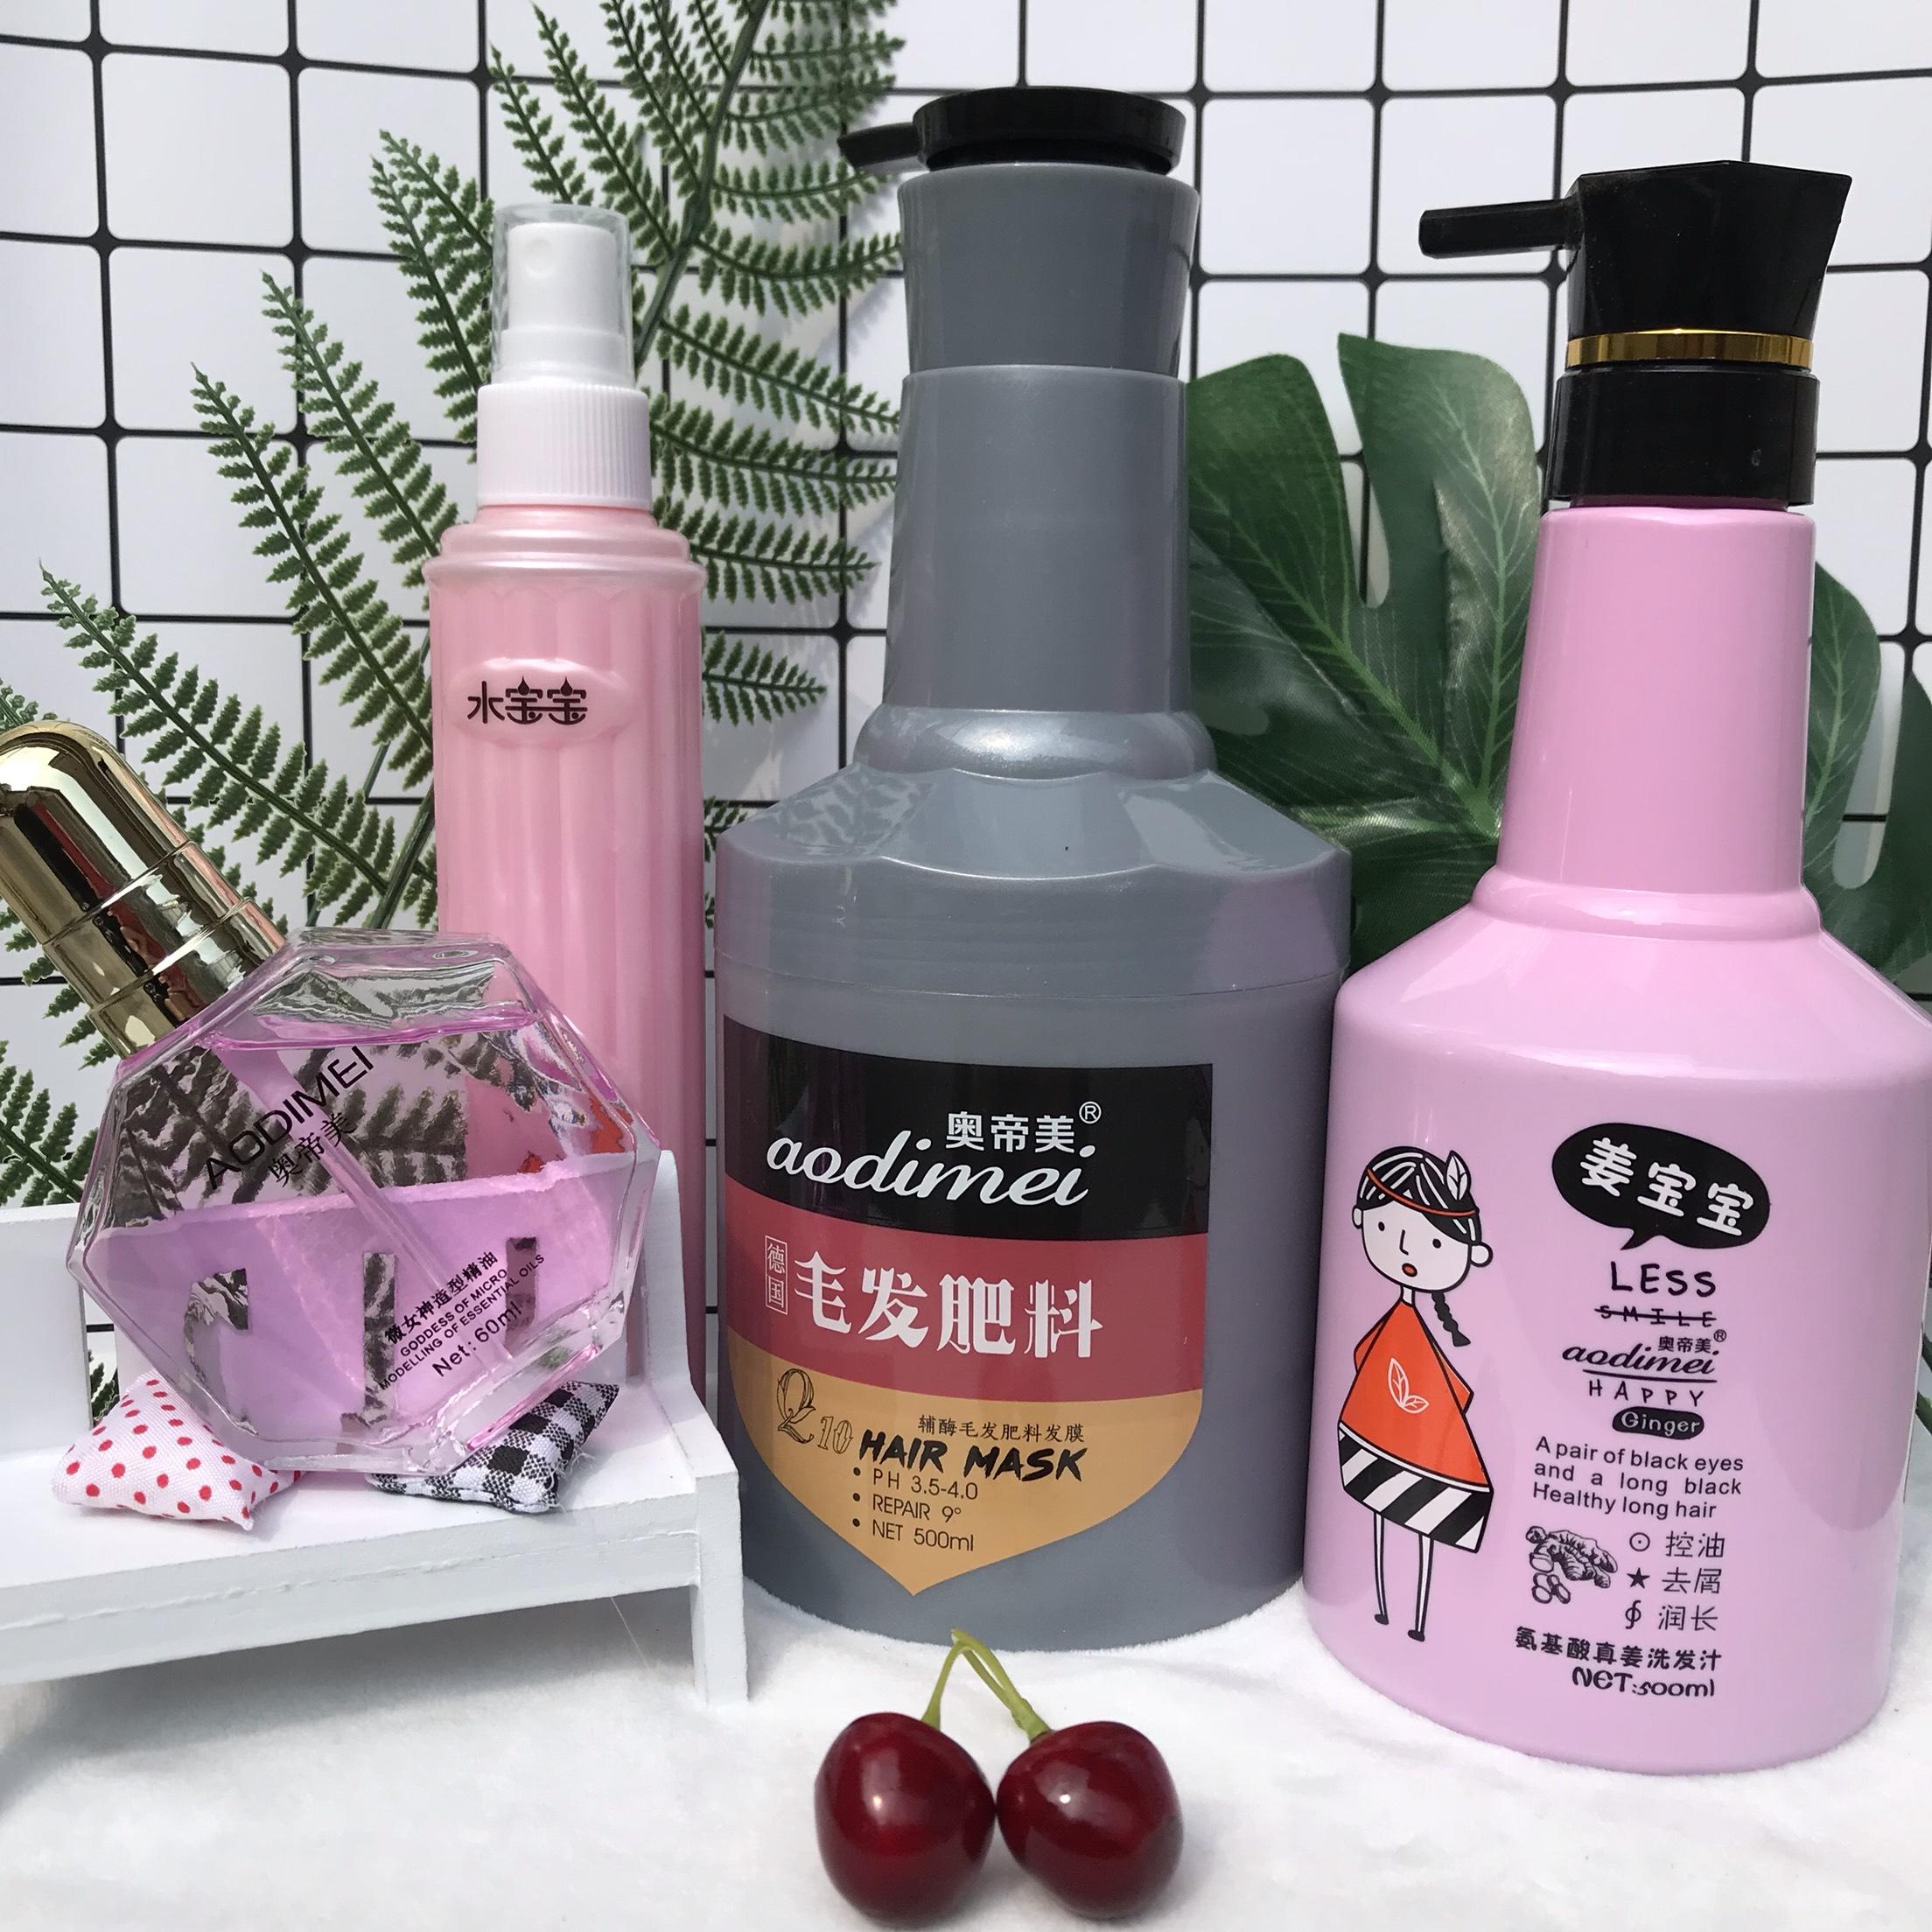 本製品は奥帝美洗護セットの姜汁シャンプーを郵送します。